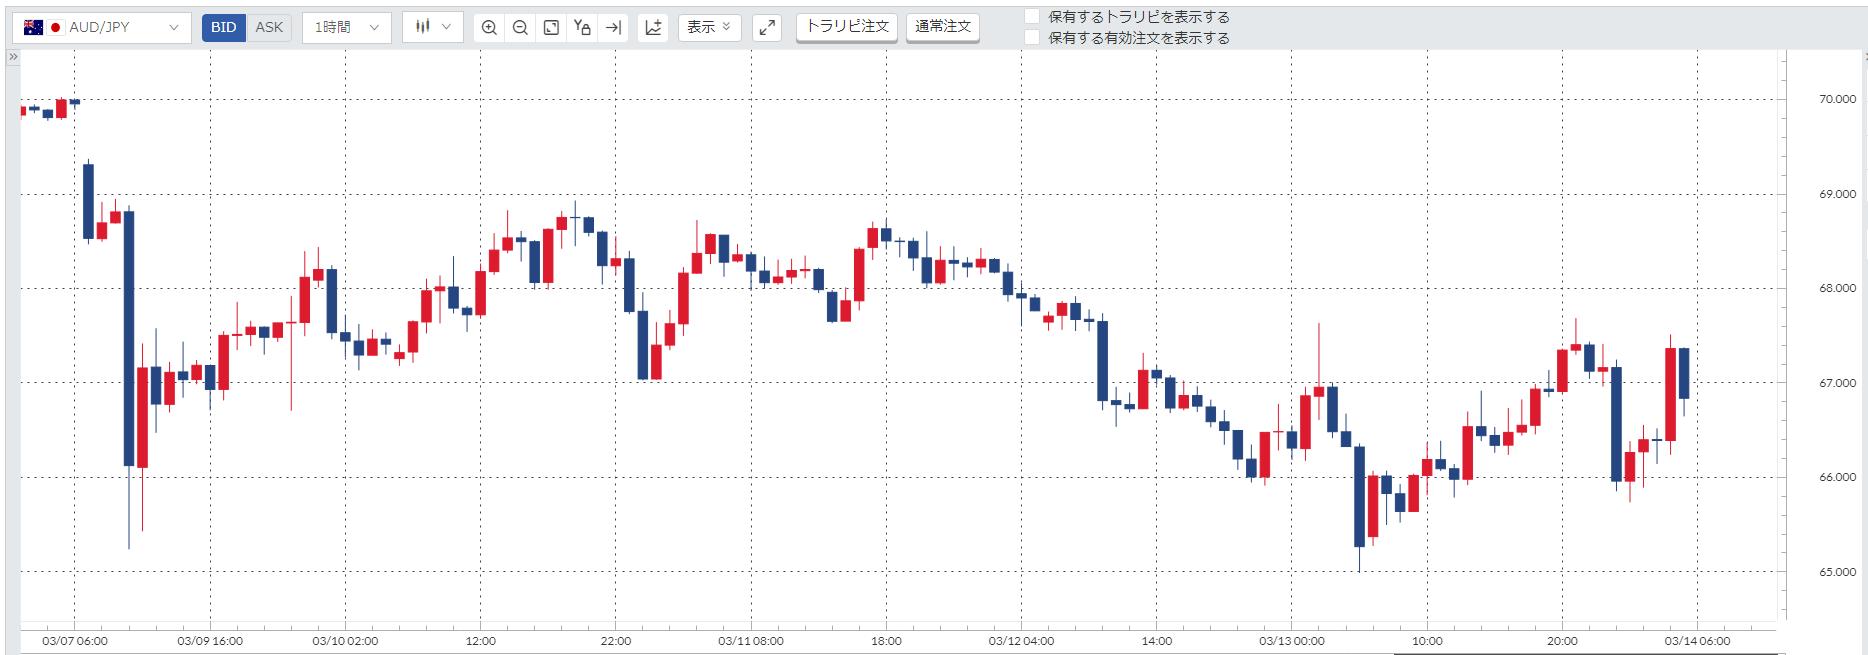 豪ドル円(AUDJPY)週間チャート_20200309-20200313